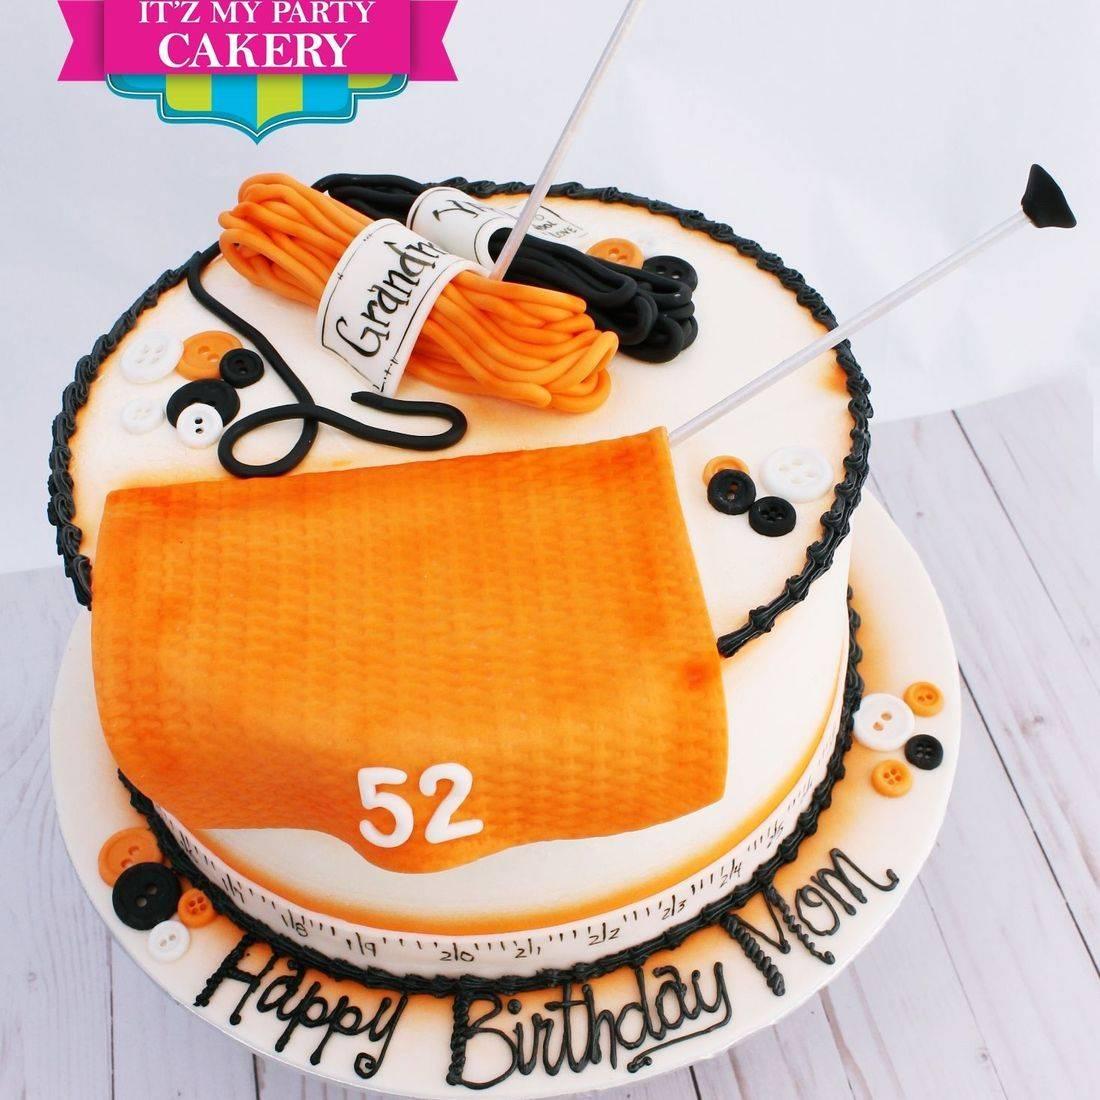 Knitting cake stylized Milwaukee